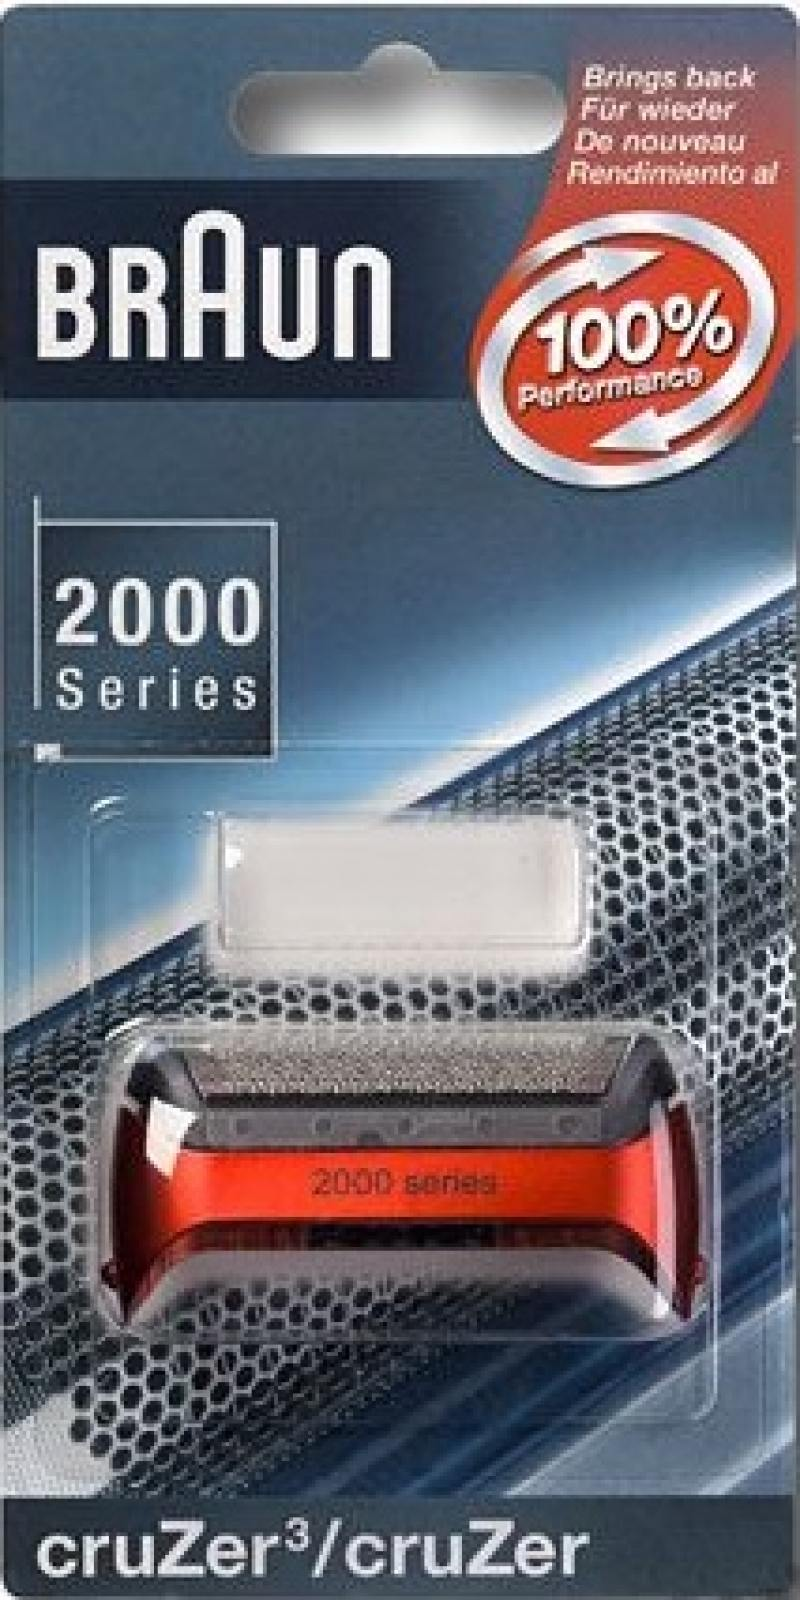 Сетка Braun 2000 CruZer 20S красный бритвенная сетка и режущий блок braun cruzer 20s